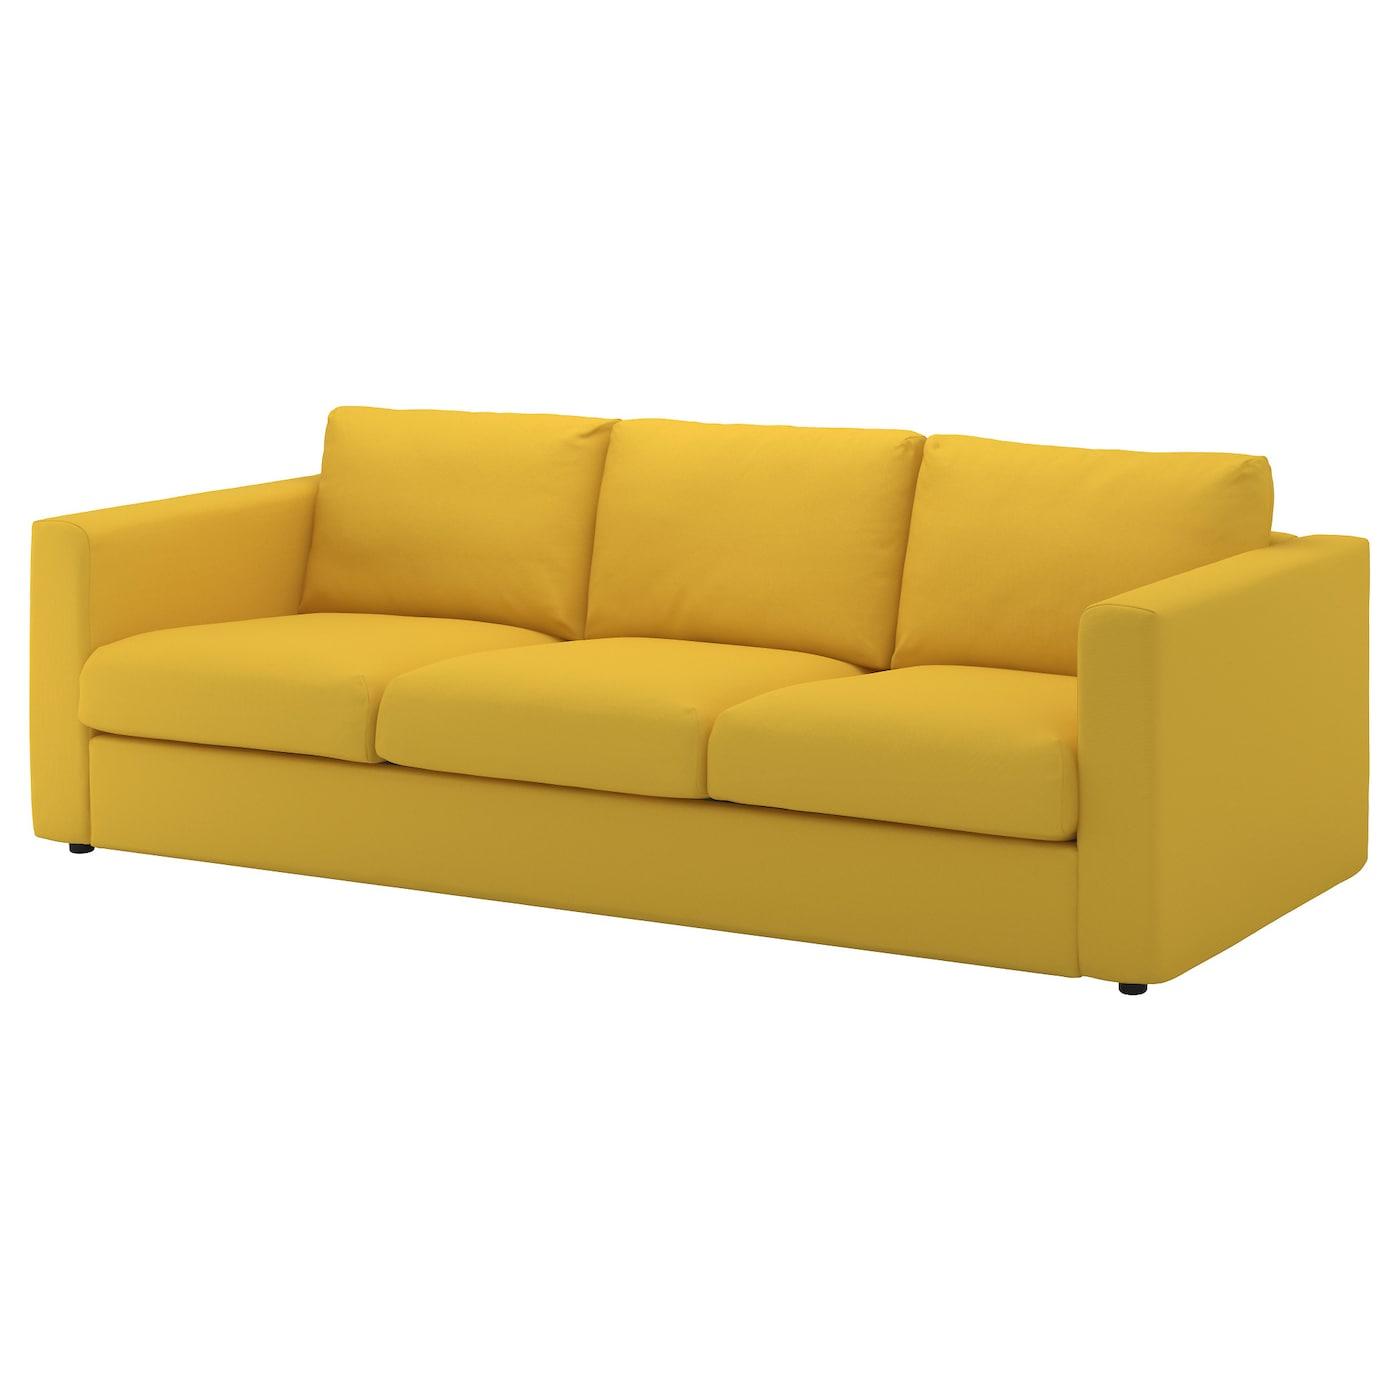 IkeaYellowSofaVimle3SeatSofaWithChaiseLongue